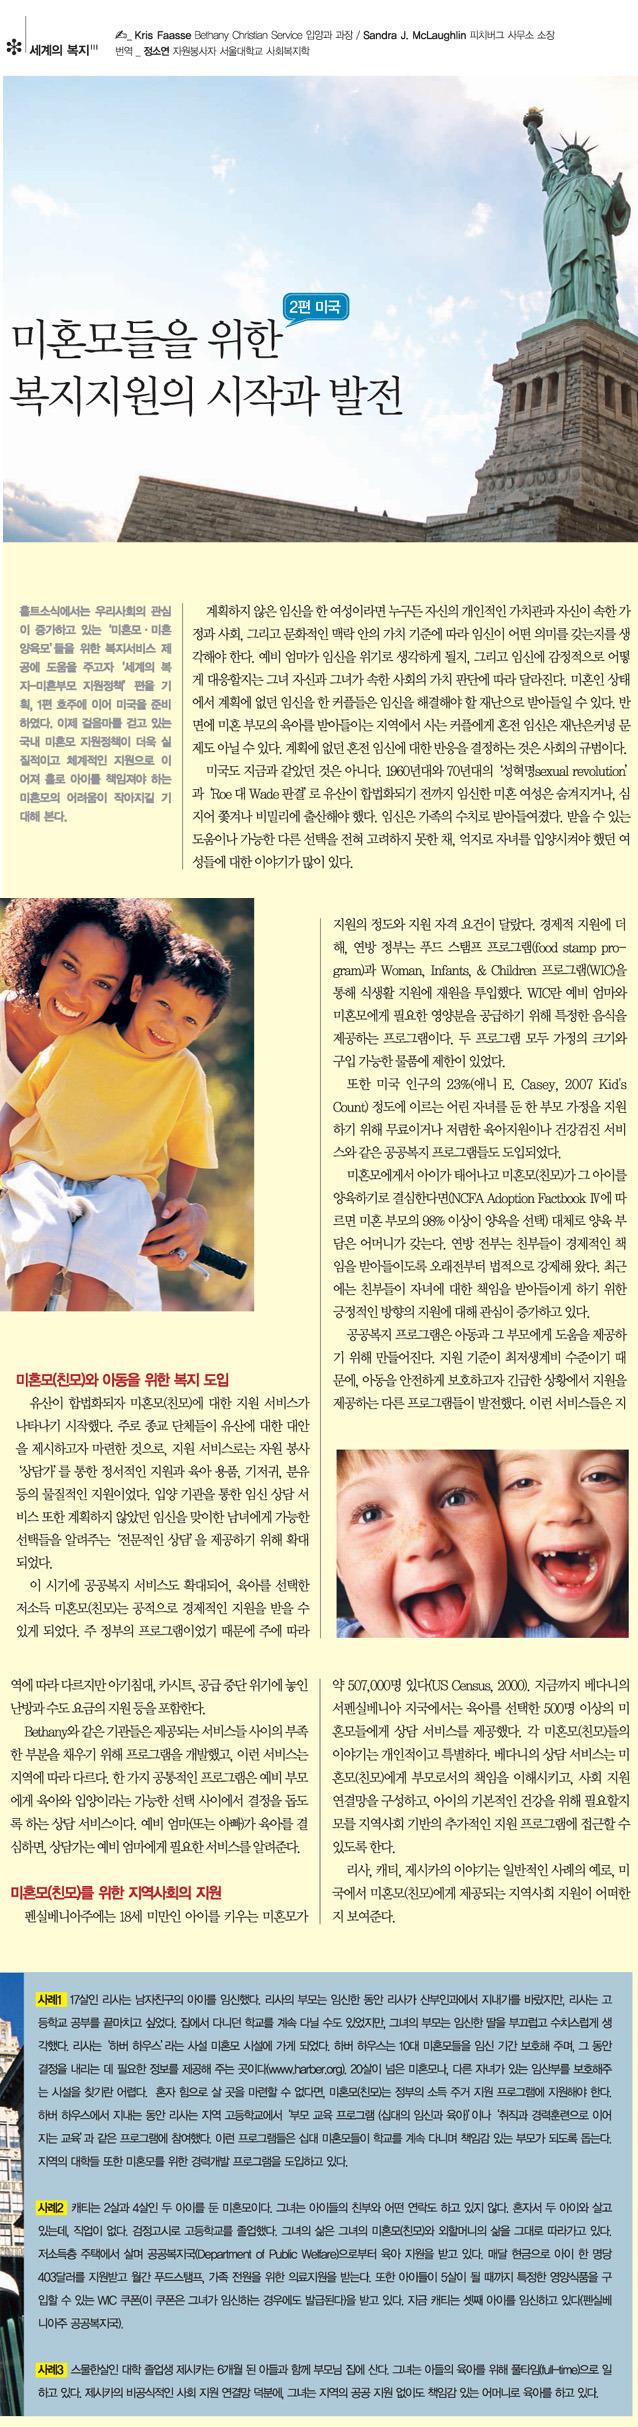 [세계의 복지] 미국 제2편 미국 미혼모들을 위한 복지지원의 시작과 발전